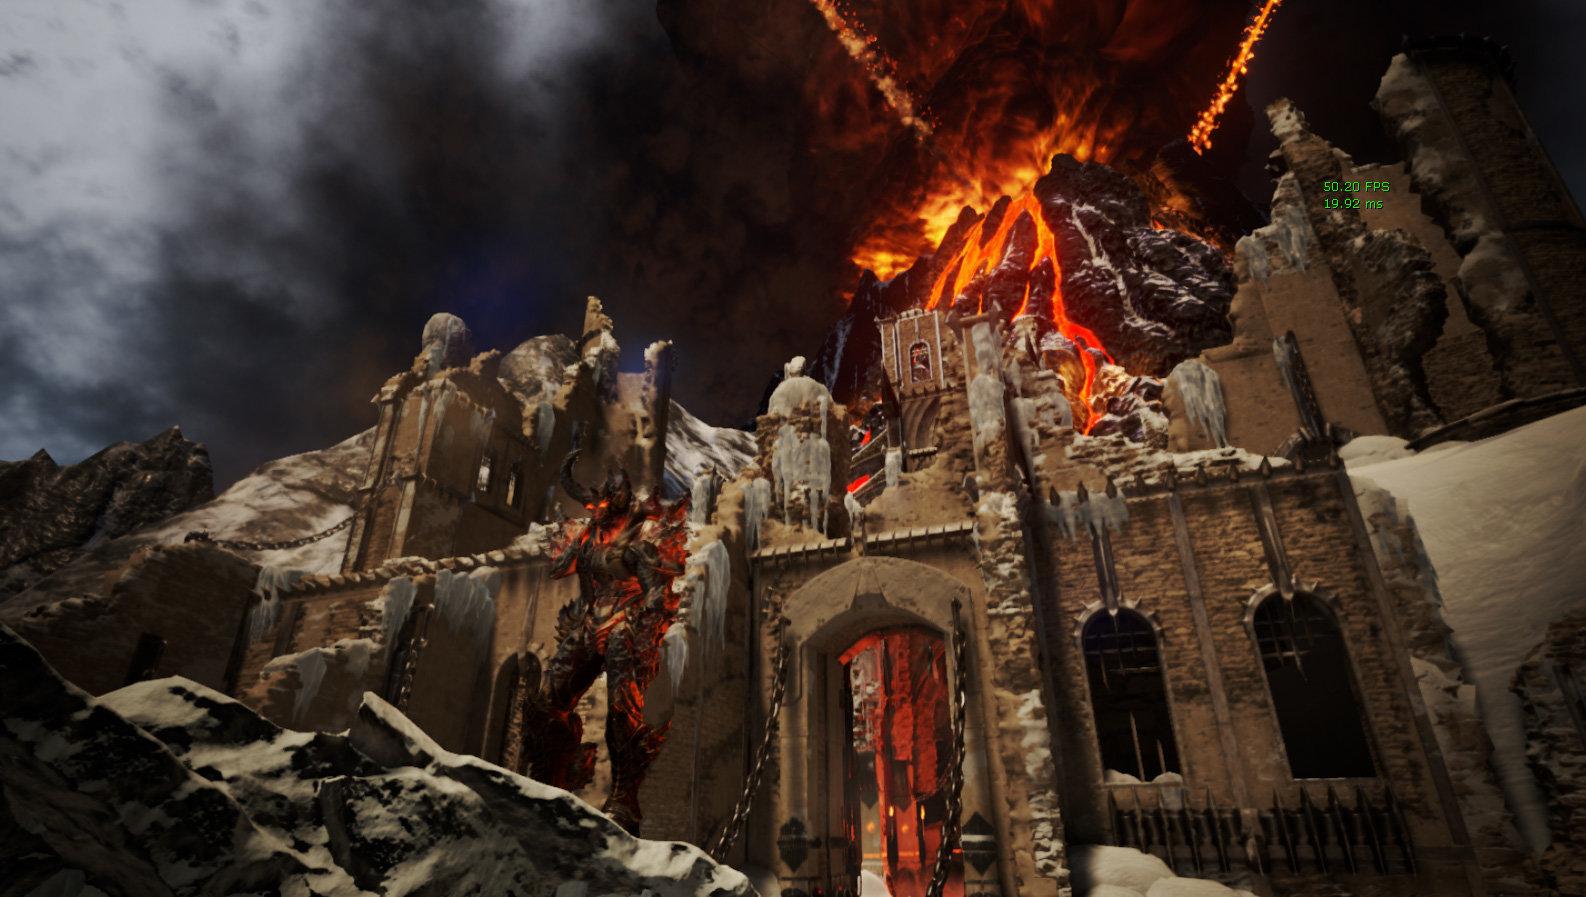 ue4-fire-dude-external-citadel.jpg.f0c467ec82a0c42df7d00a2d303519db.jpg